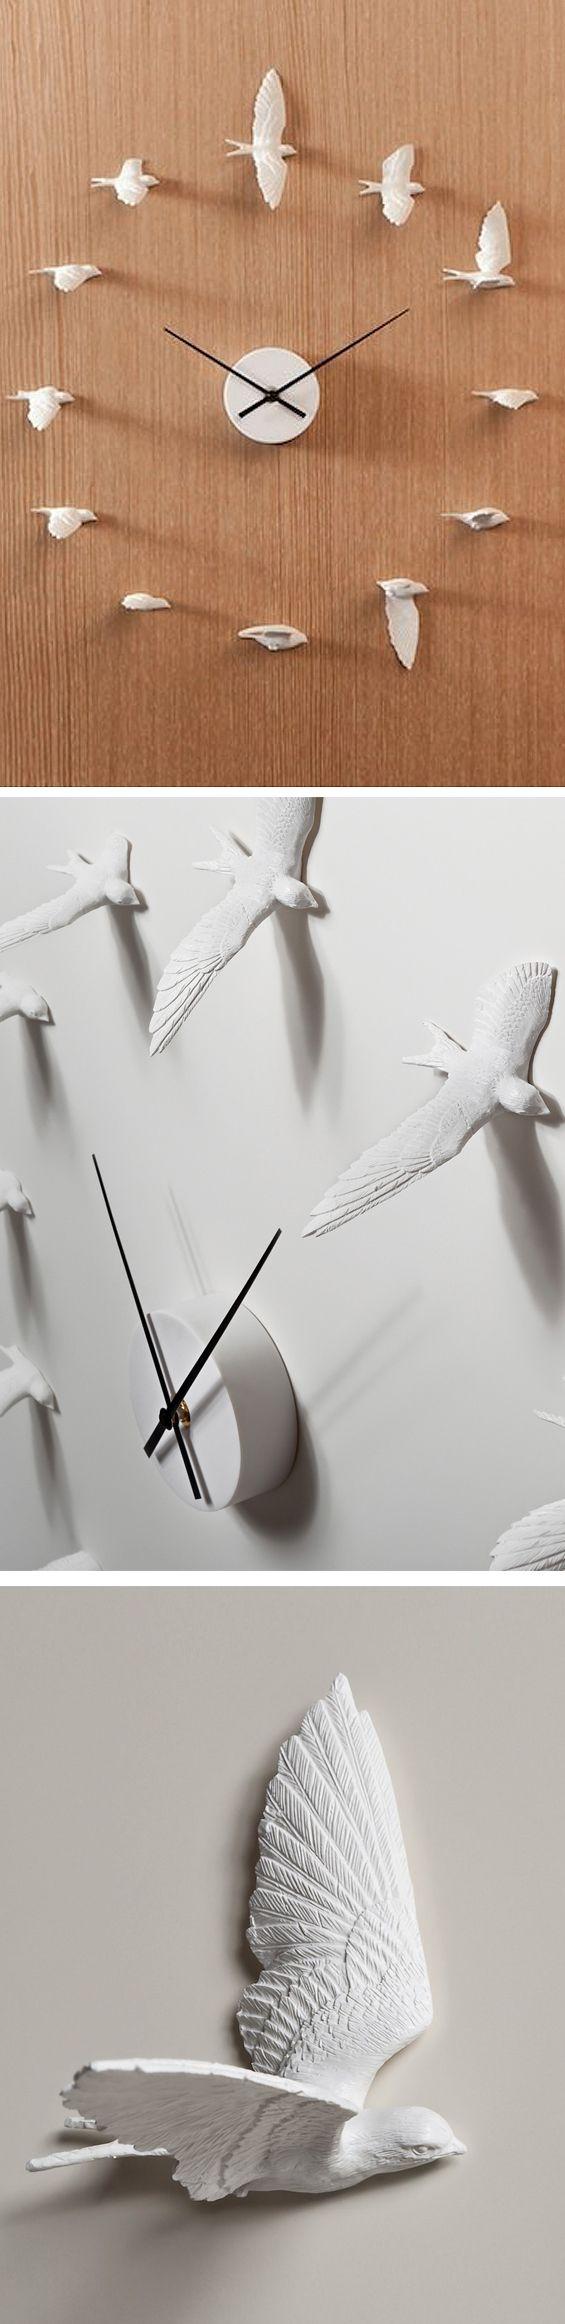 Birds In Flight Clock